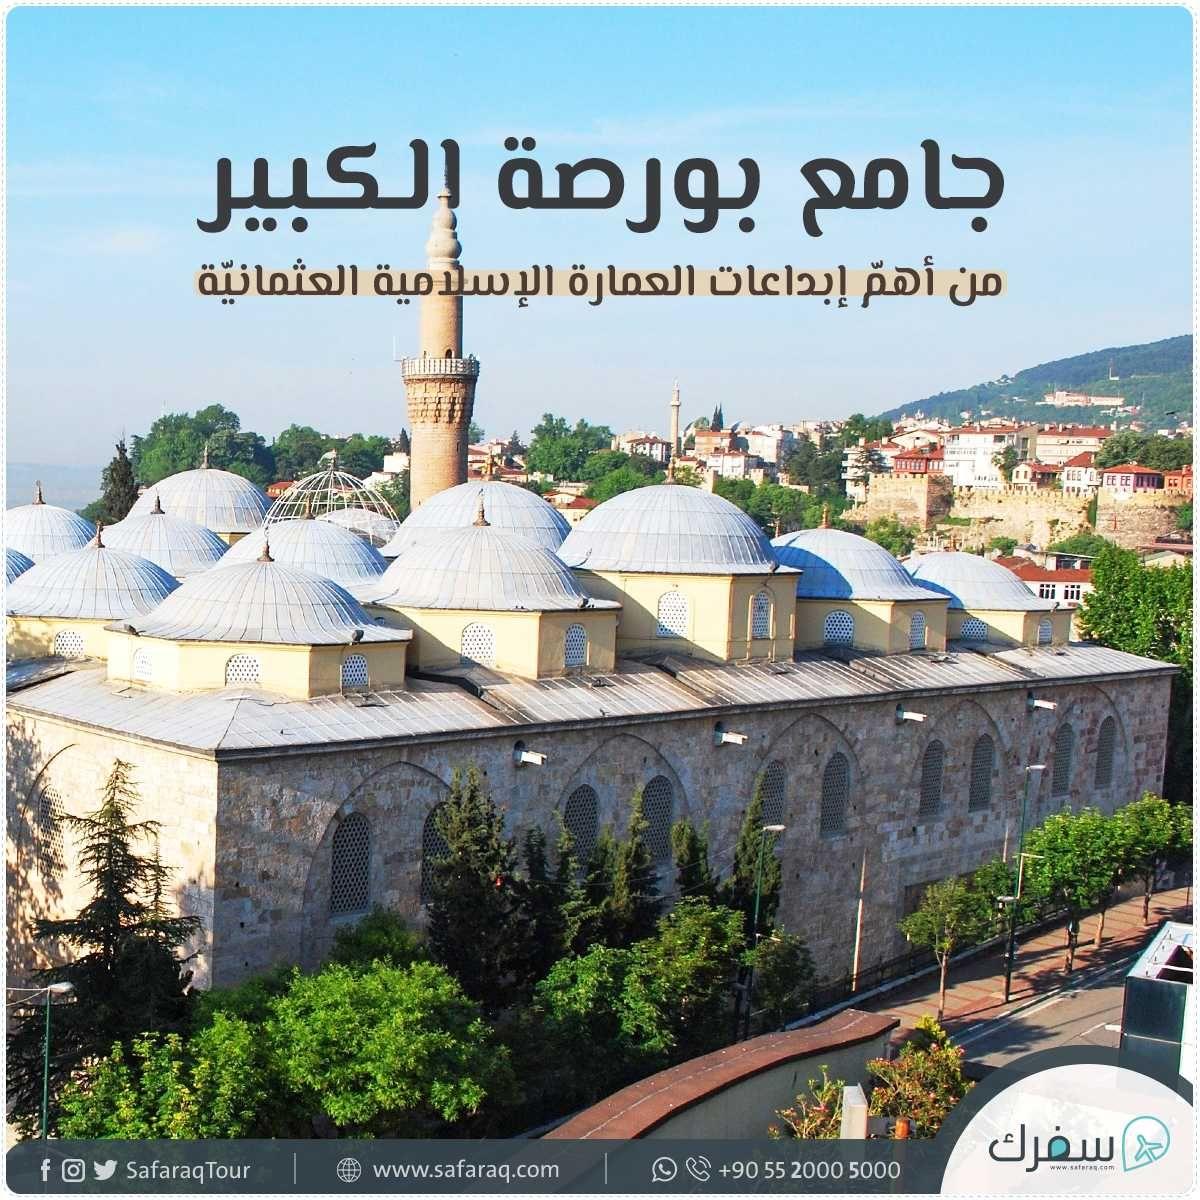 ي عتبر جامع بورصة الكبير واحدا من أهم إبداعات العمارة الإسلامية العثماني ة في مراحلها المبك رة ويطلق عليه الأتراك اسم أولو جامع Taj Mahal Travel Landmarks